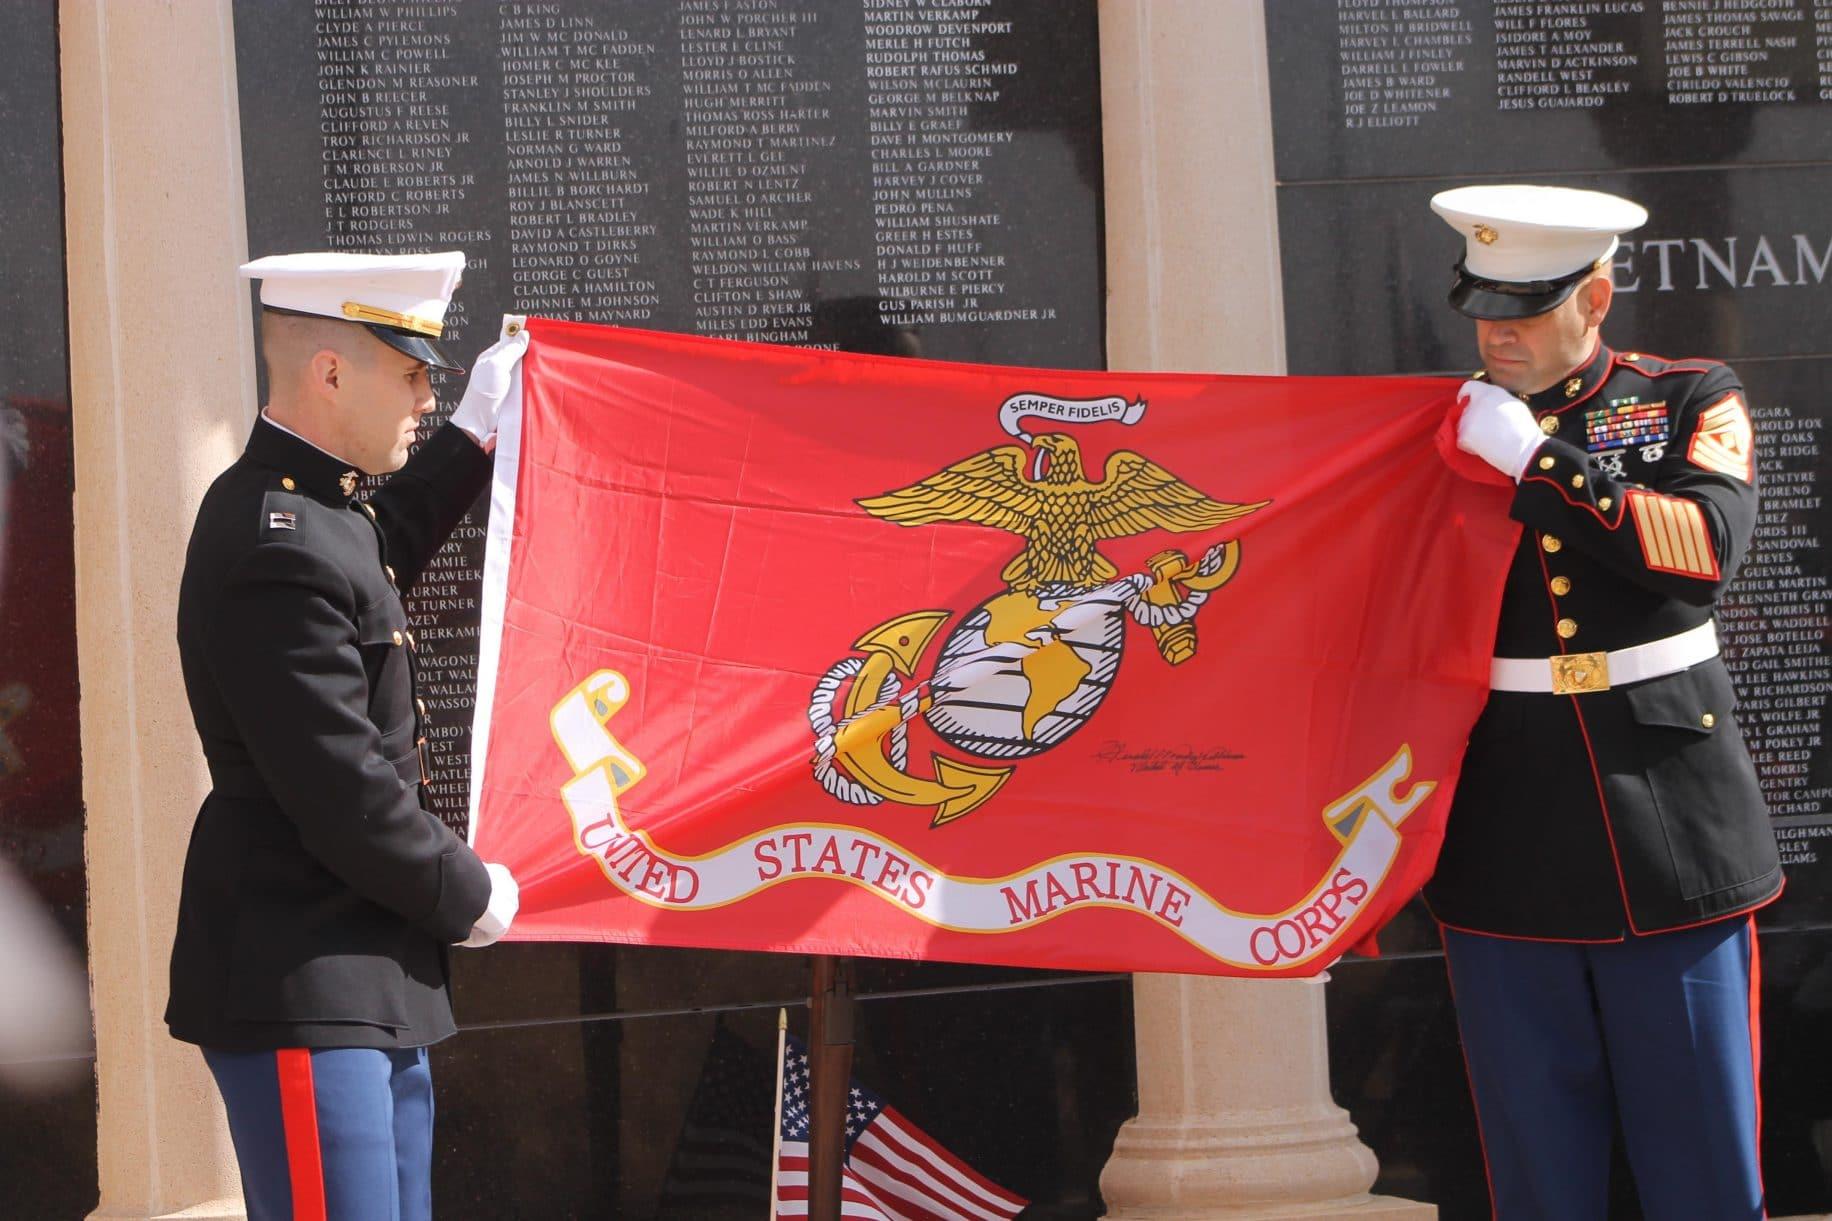 TX veterans honored at Iwo Jima memorial service